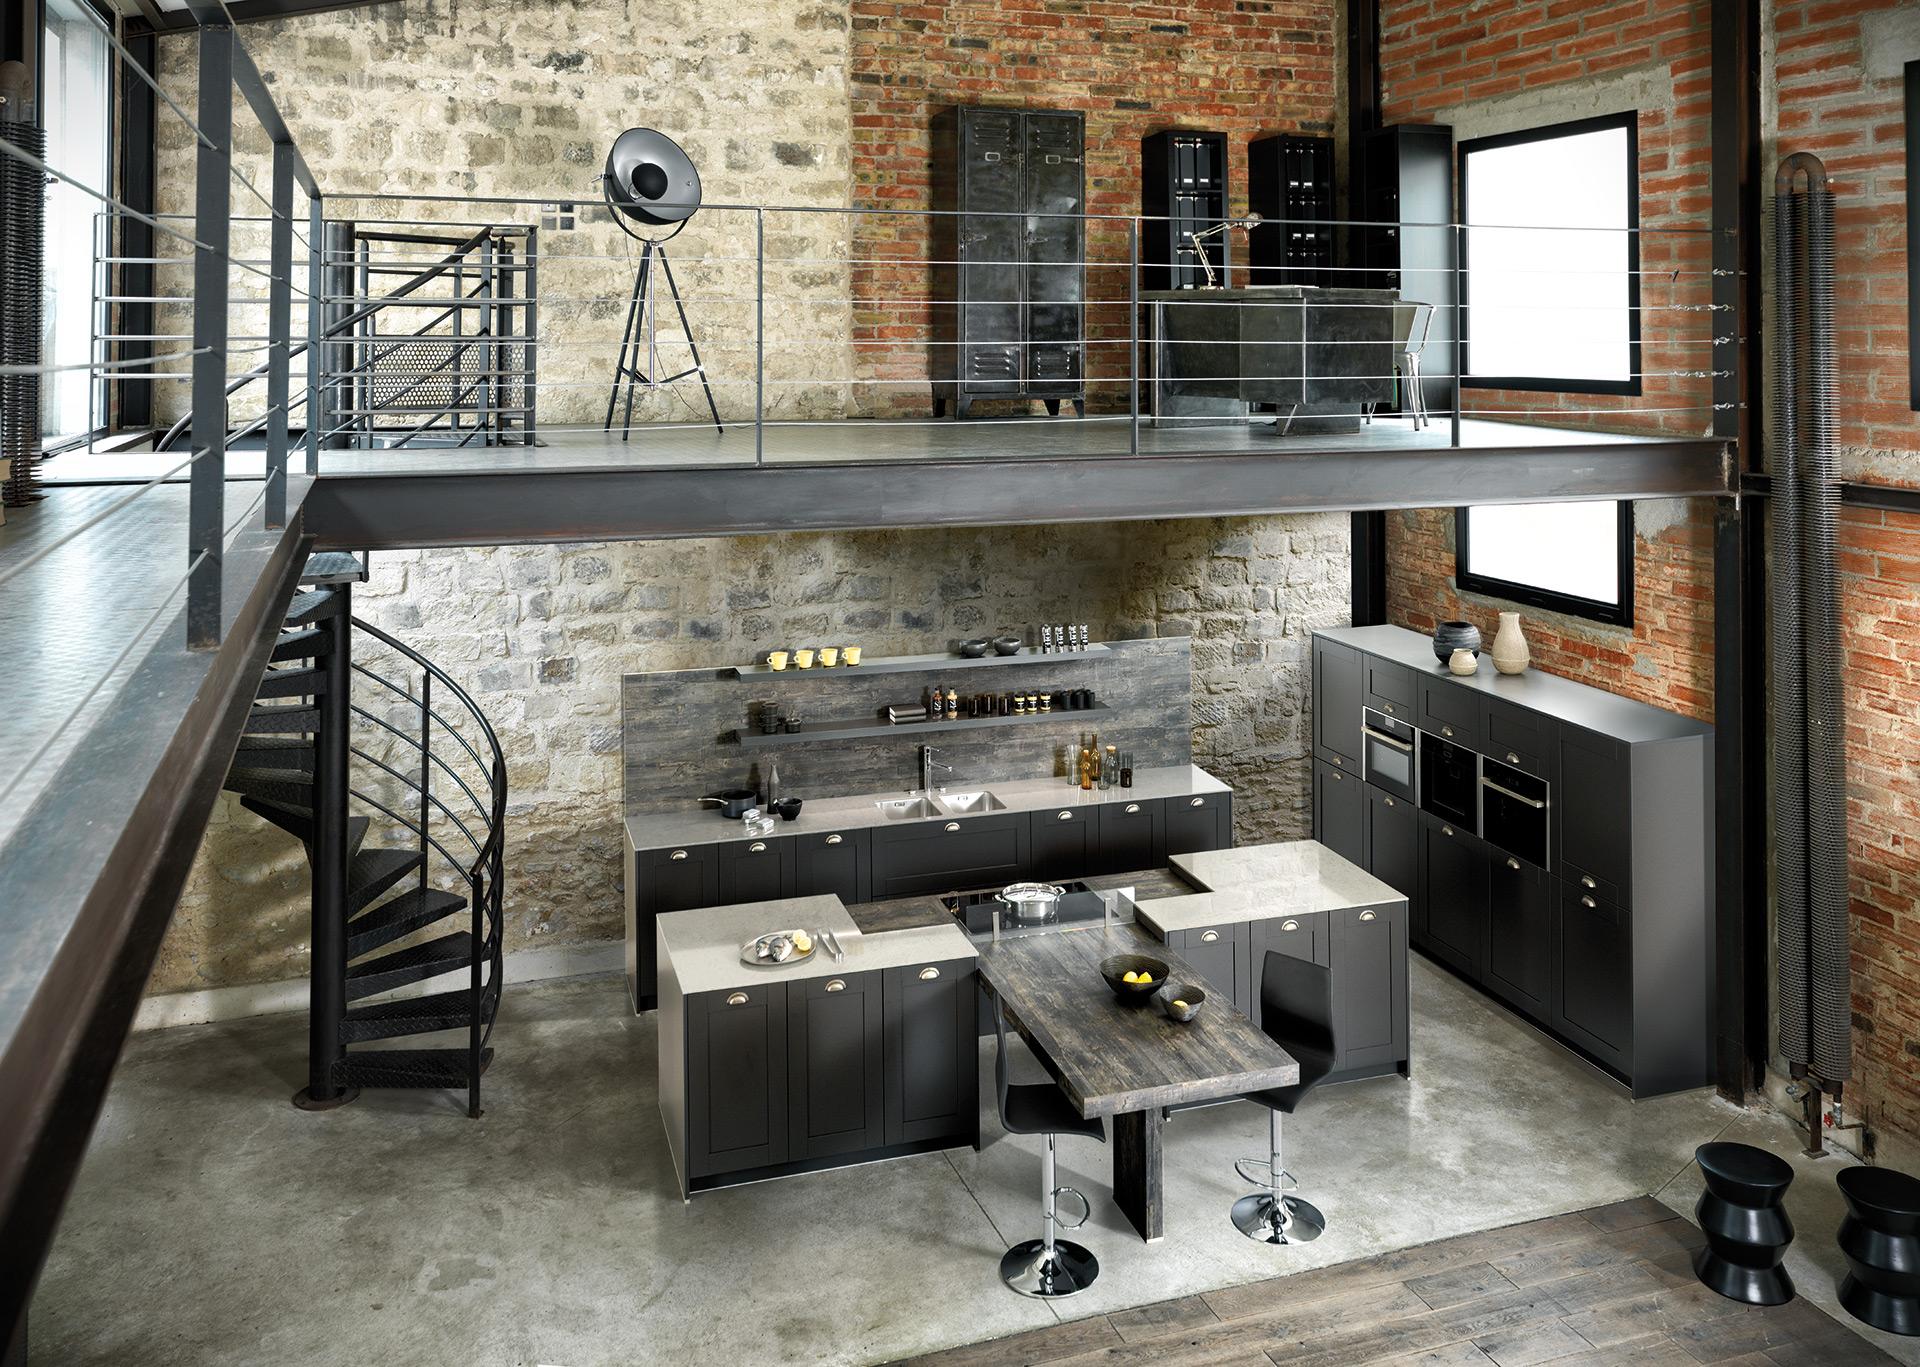 Vue d'en haut de la cuisine Frame couleur grise foncée mate, avec une vue du bureau au premier étage et la cuisine avec îlot centrale en bas.